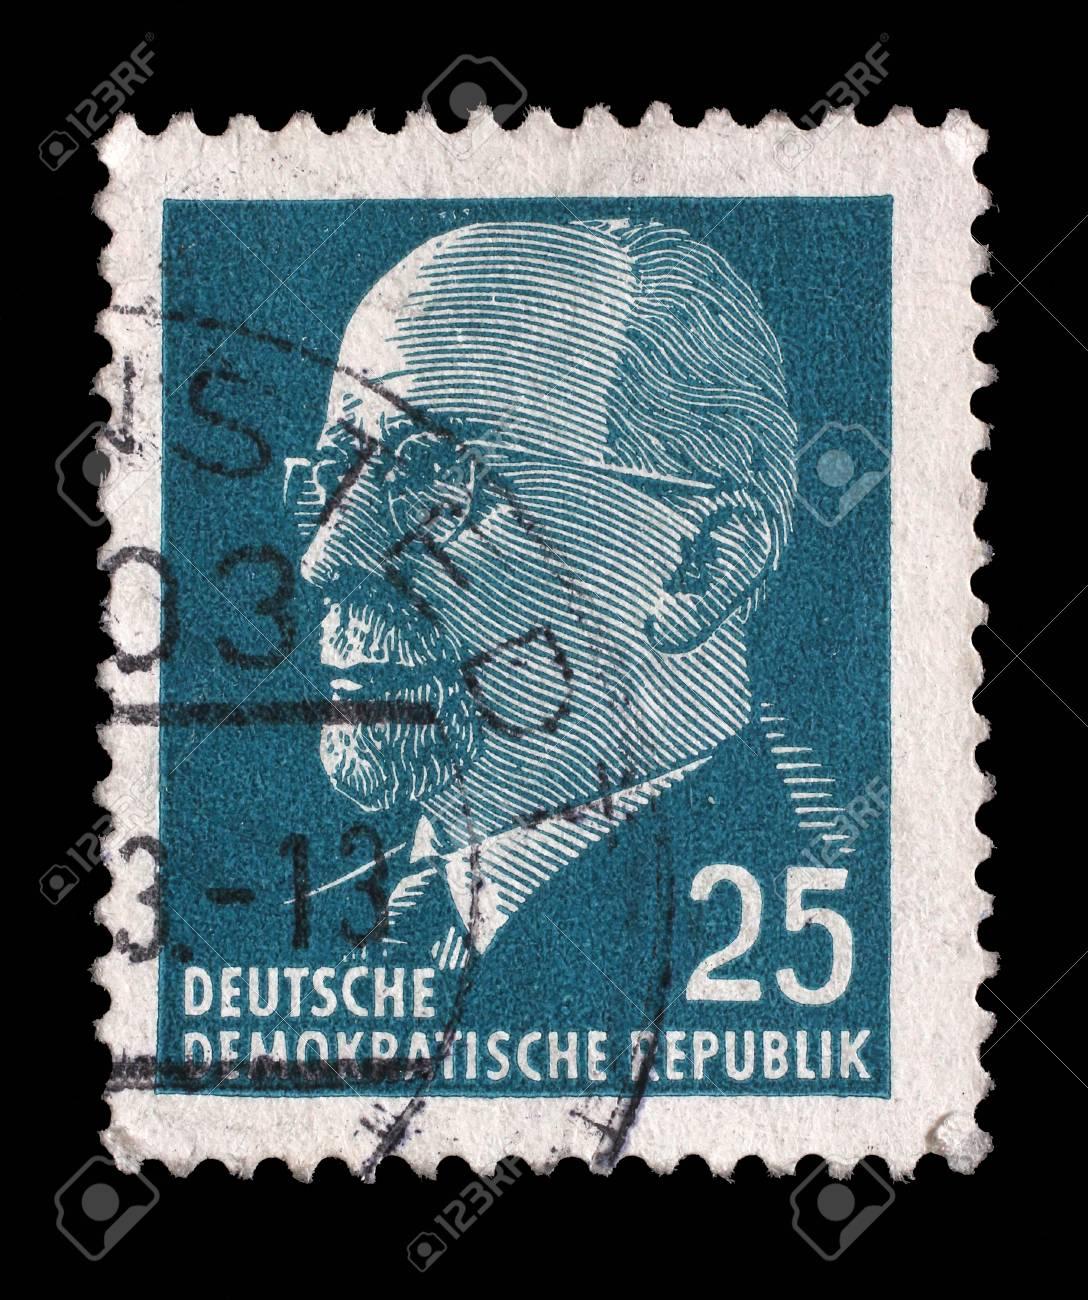 スタンプが印刷: ドイツ民主共和国 - 東ドイツを示します委員長 ...